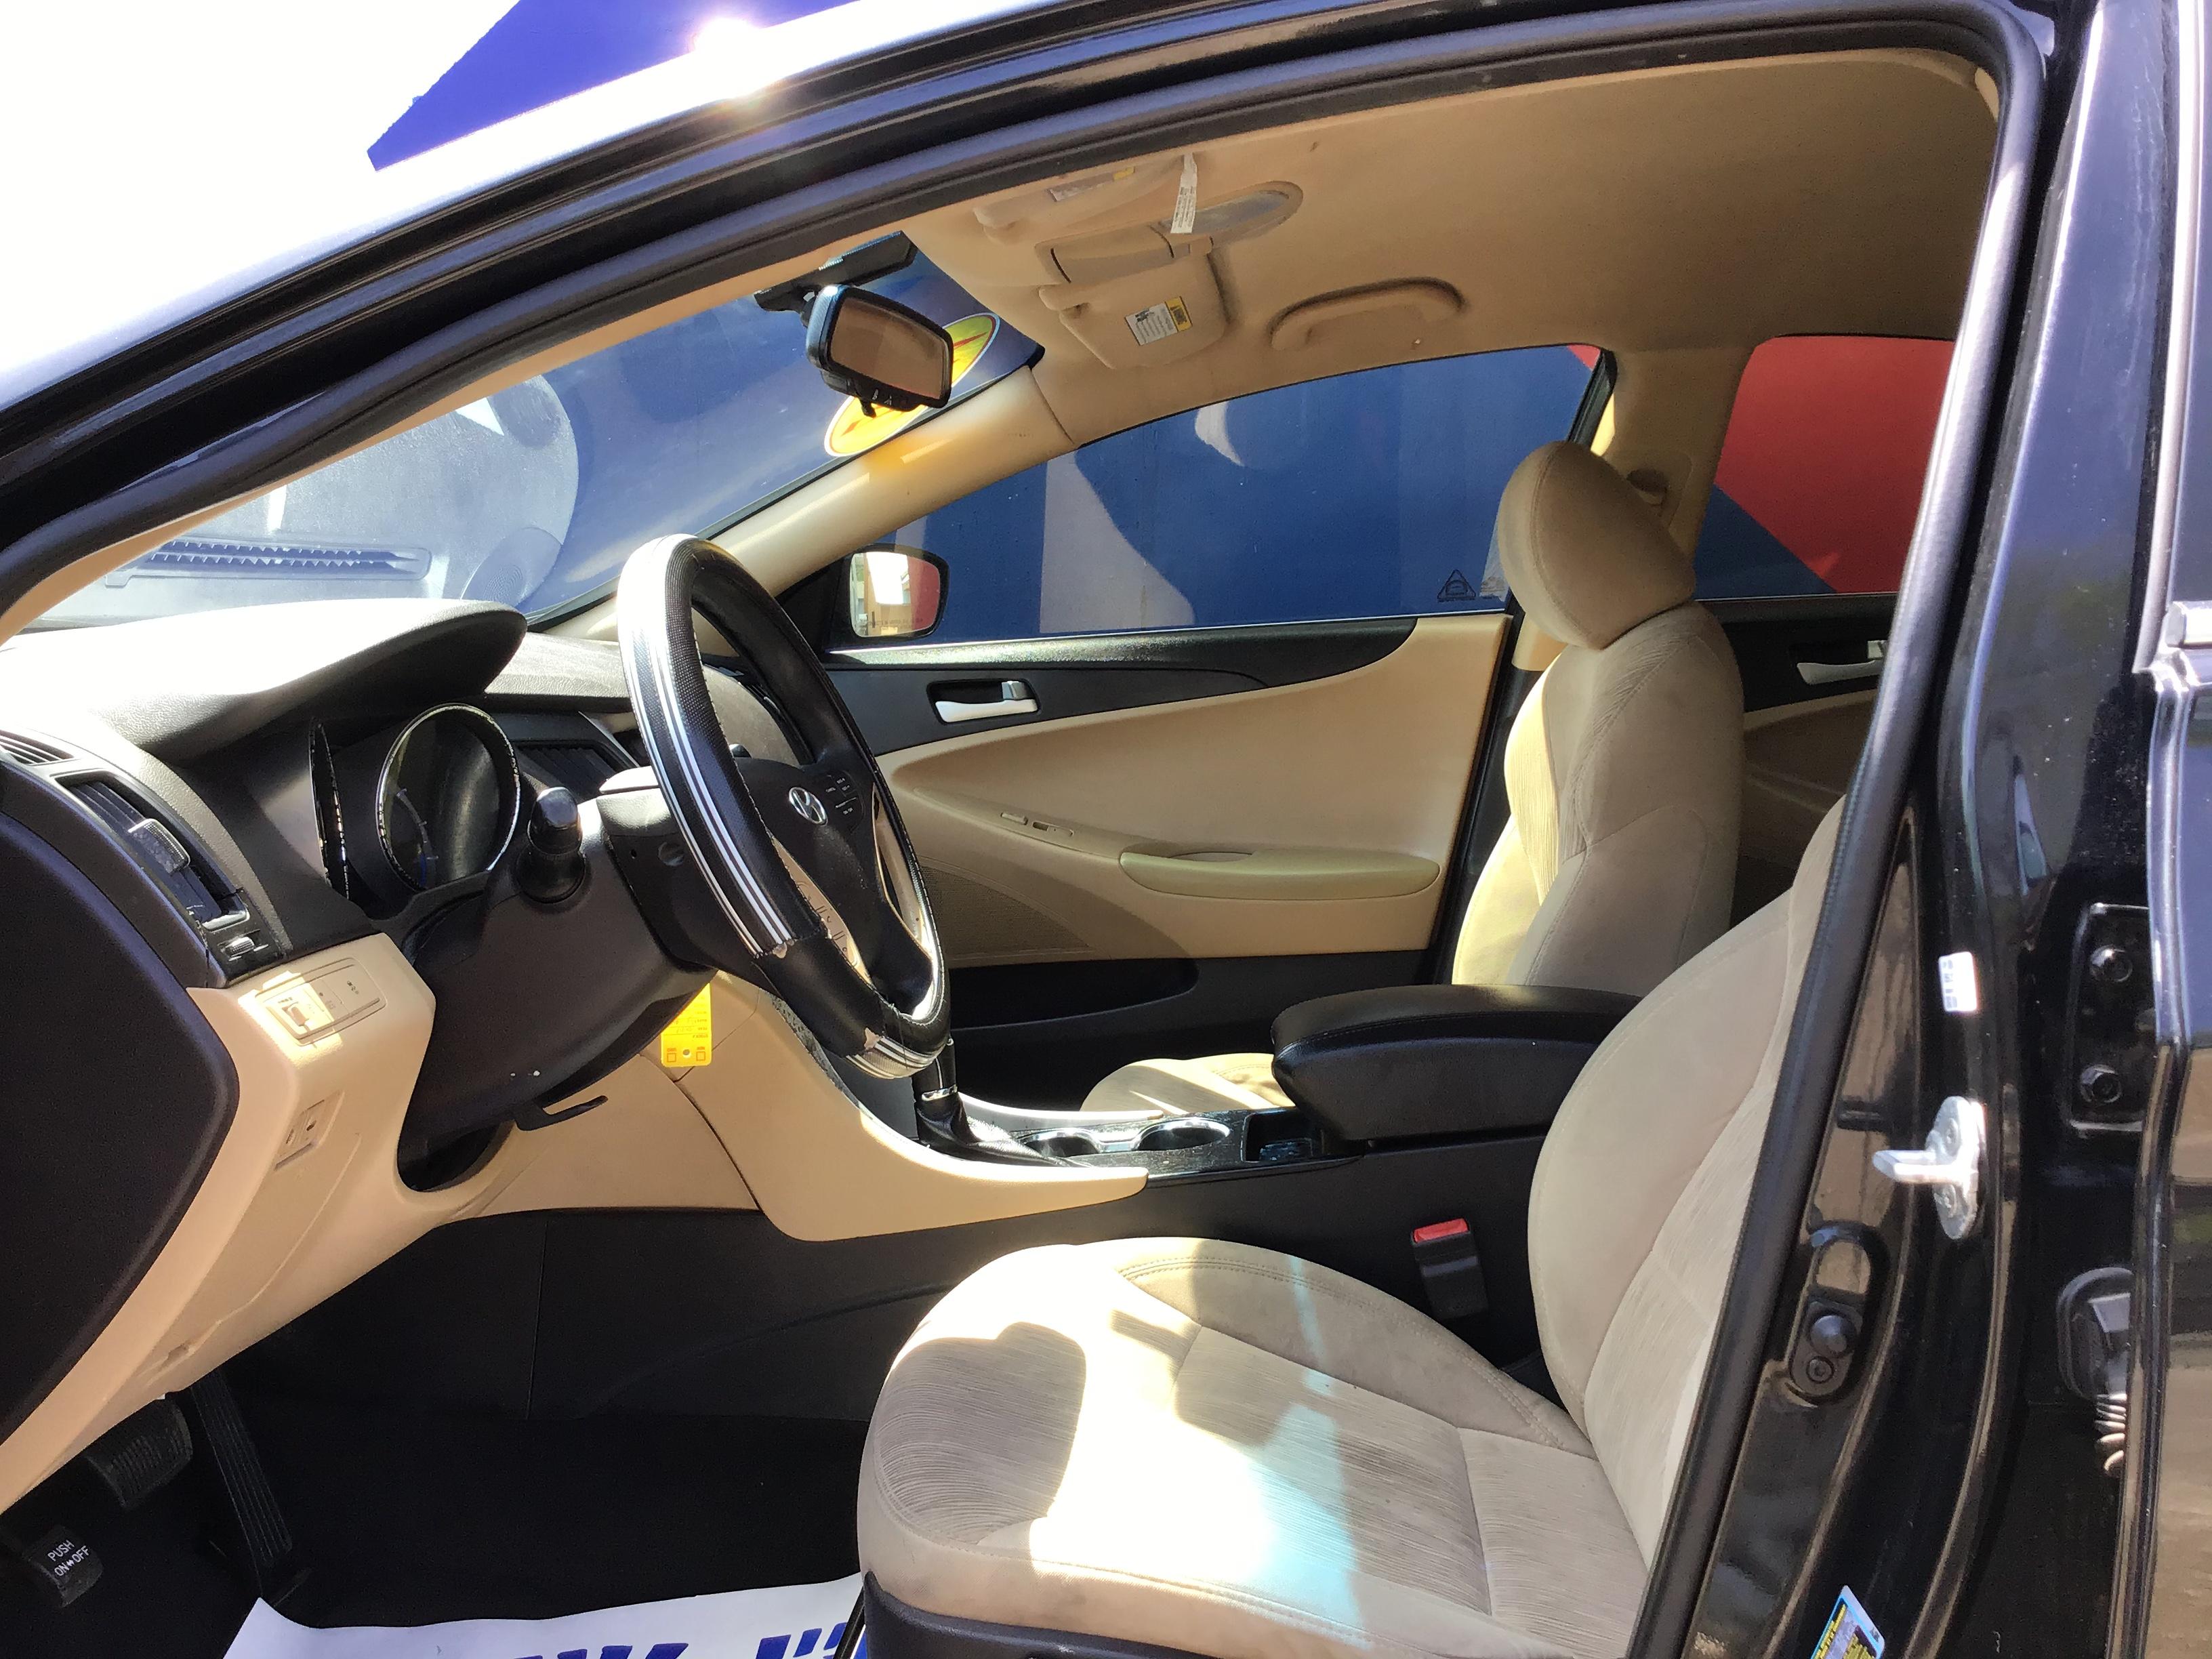 used vehicle - Sedan HYUNDAI SONATA 2014